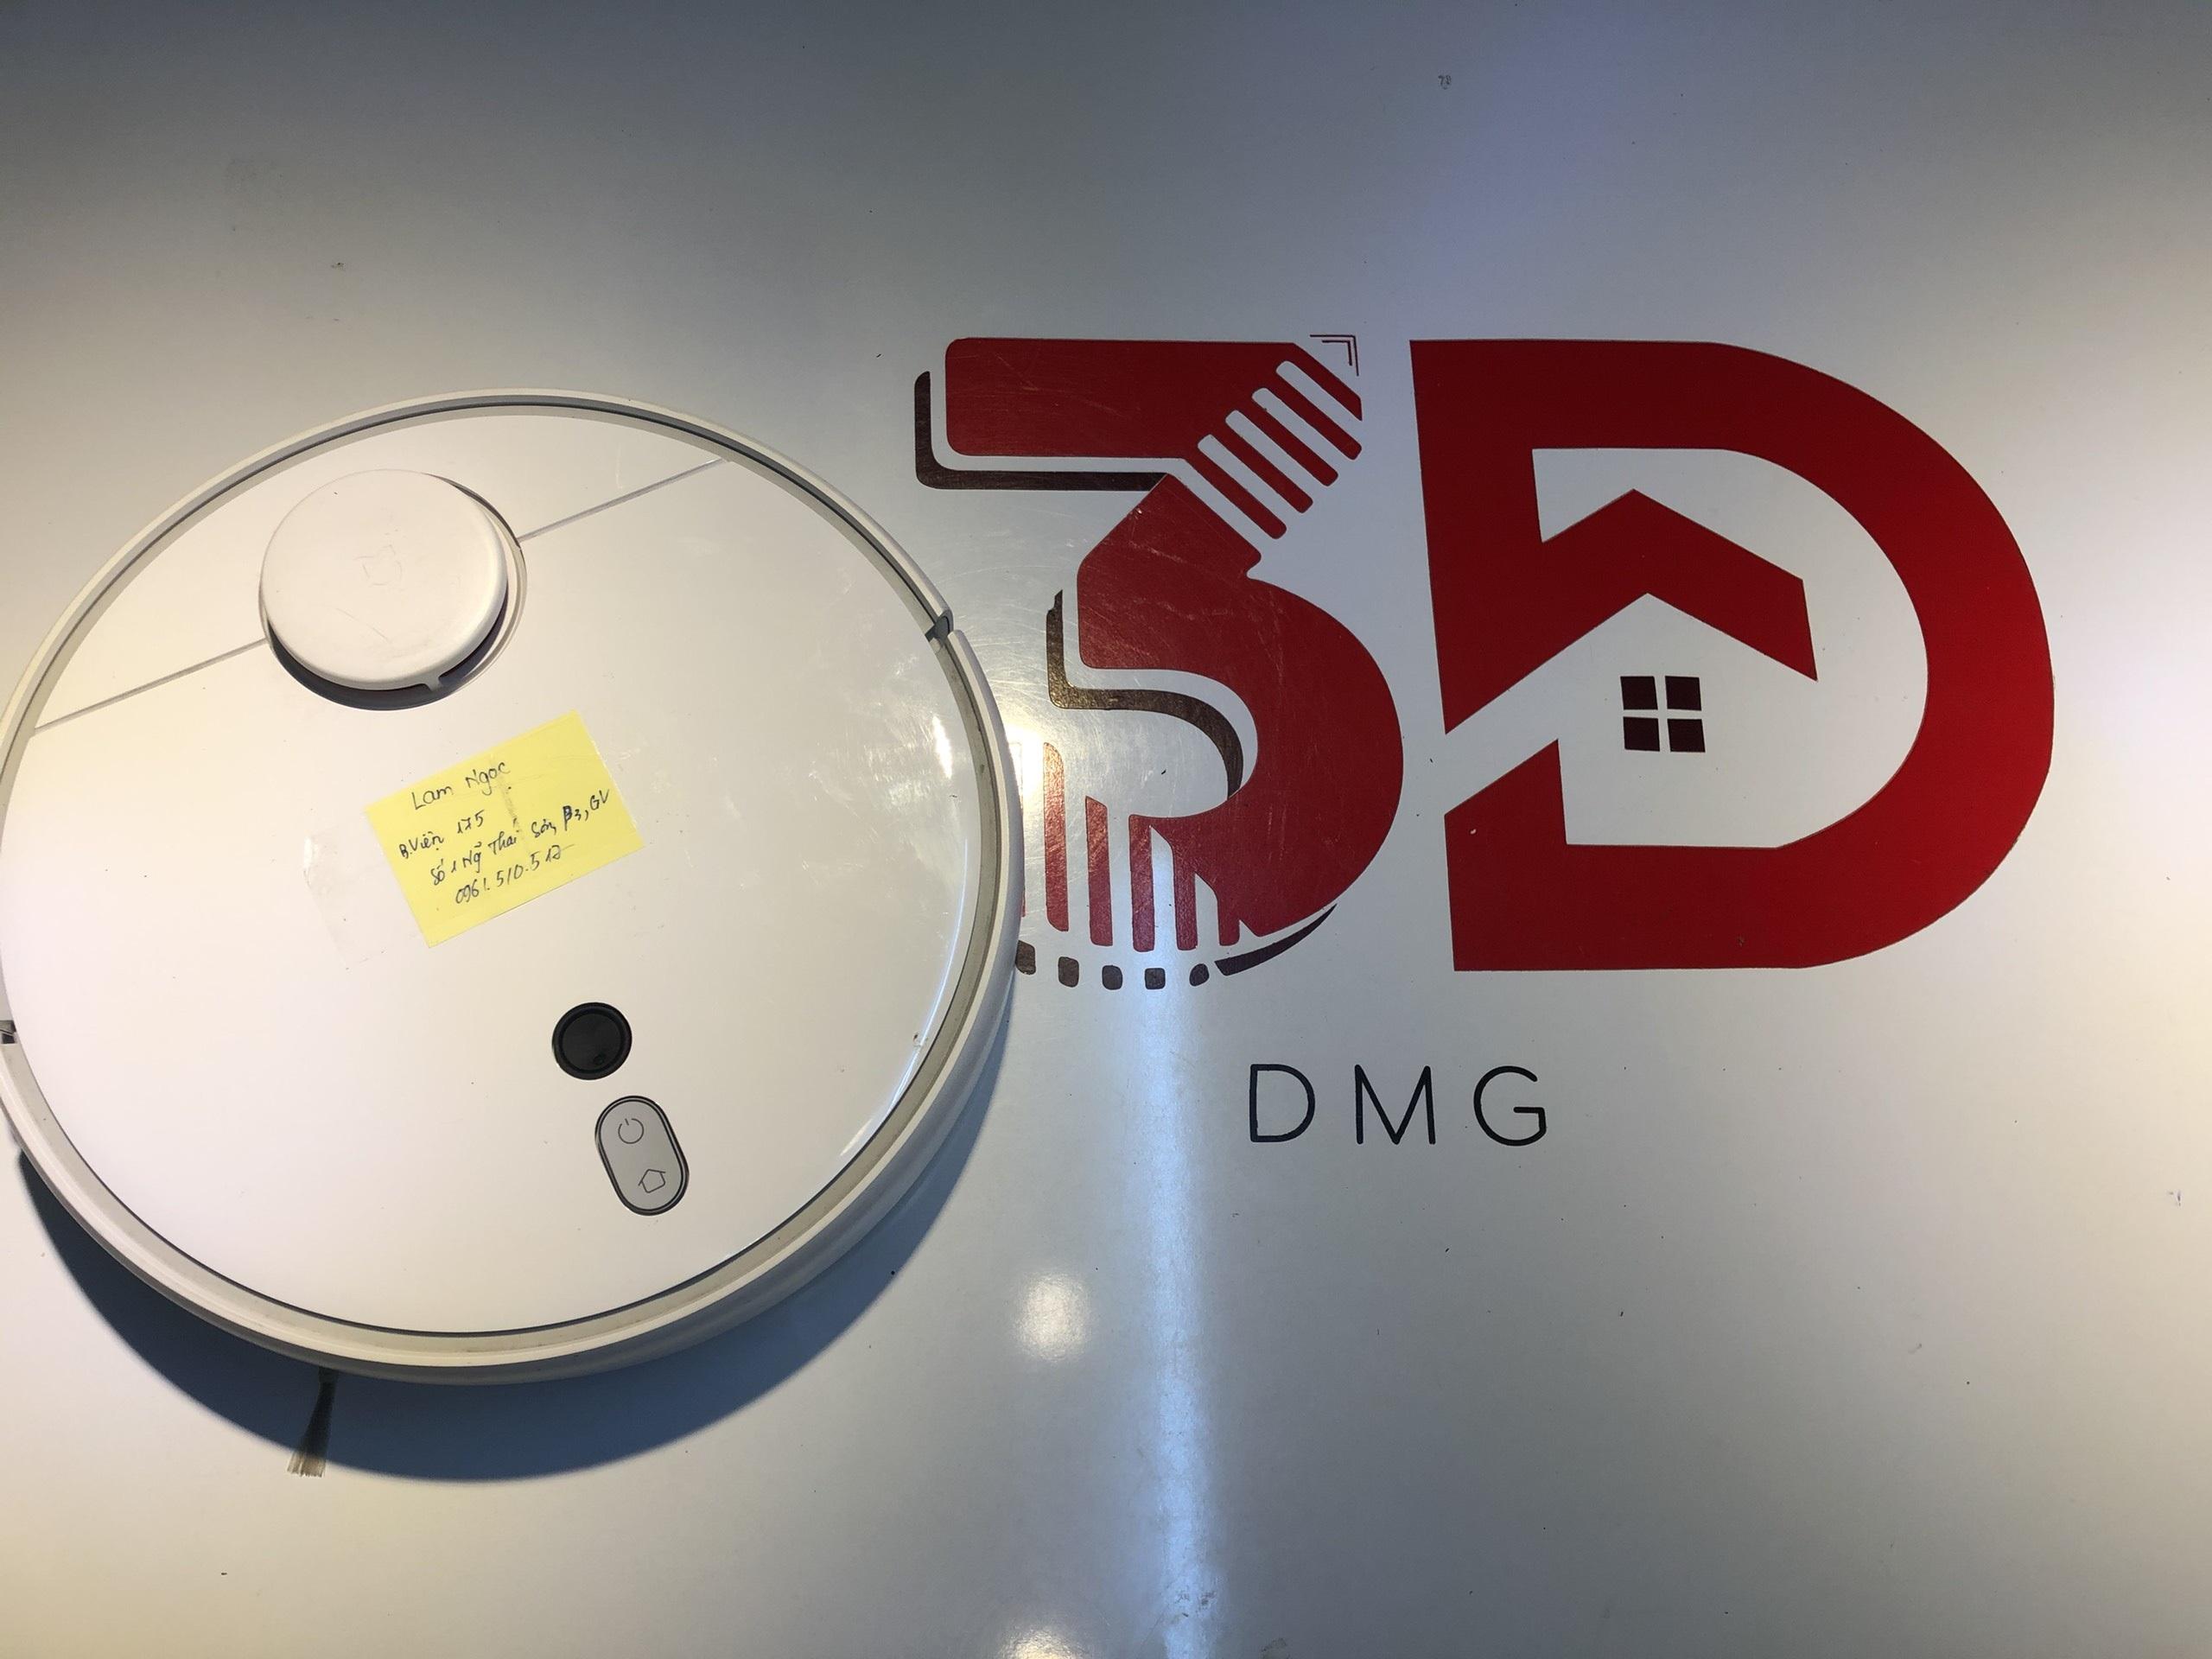 Sửa Robot Hút Bụi Xiaomi 1S Không Chạy & Cách Sửa 1 Số Lỗi Robot Xiaomi Tại Nhà Với Lab 3D House